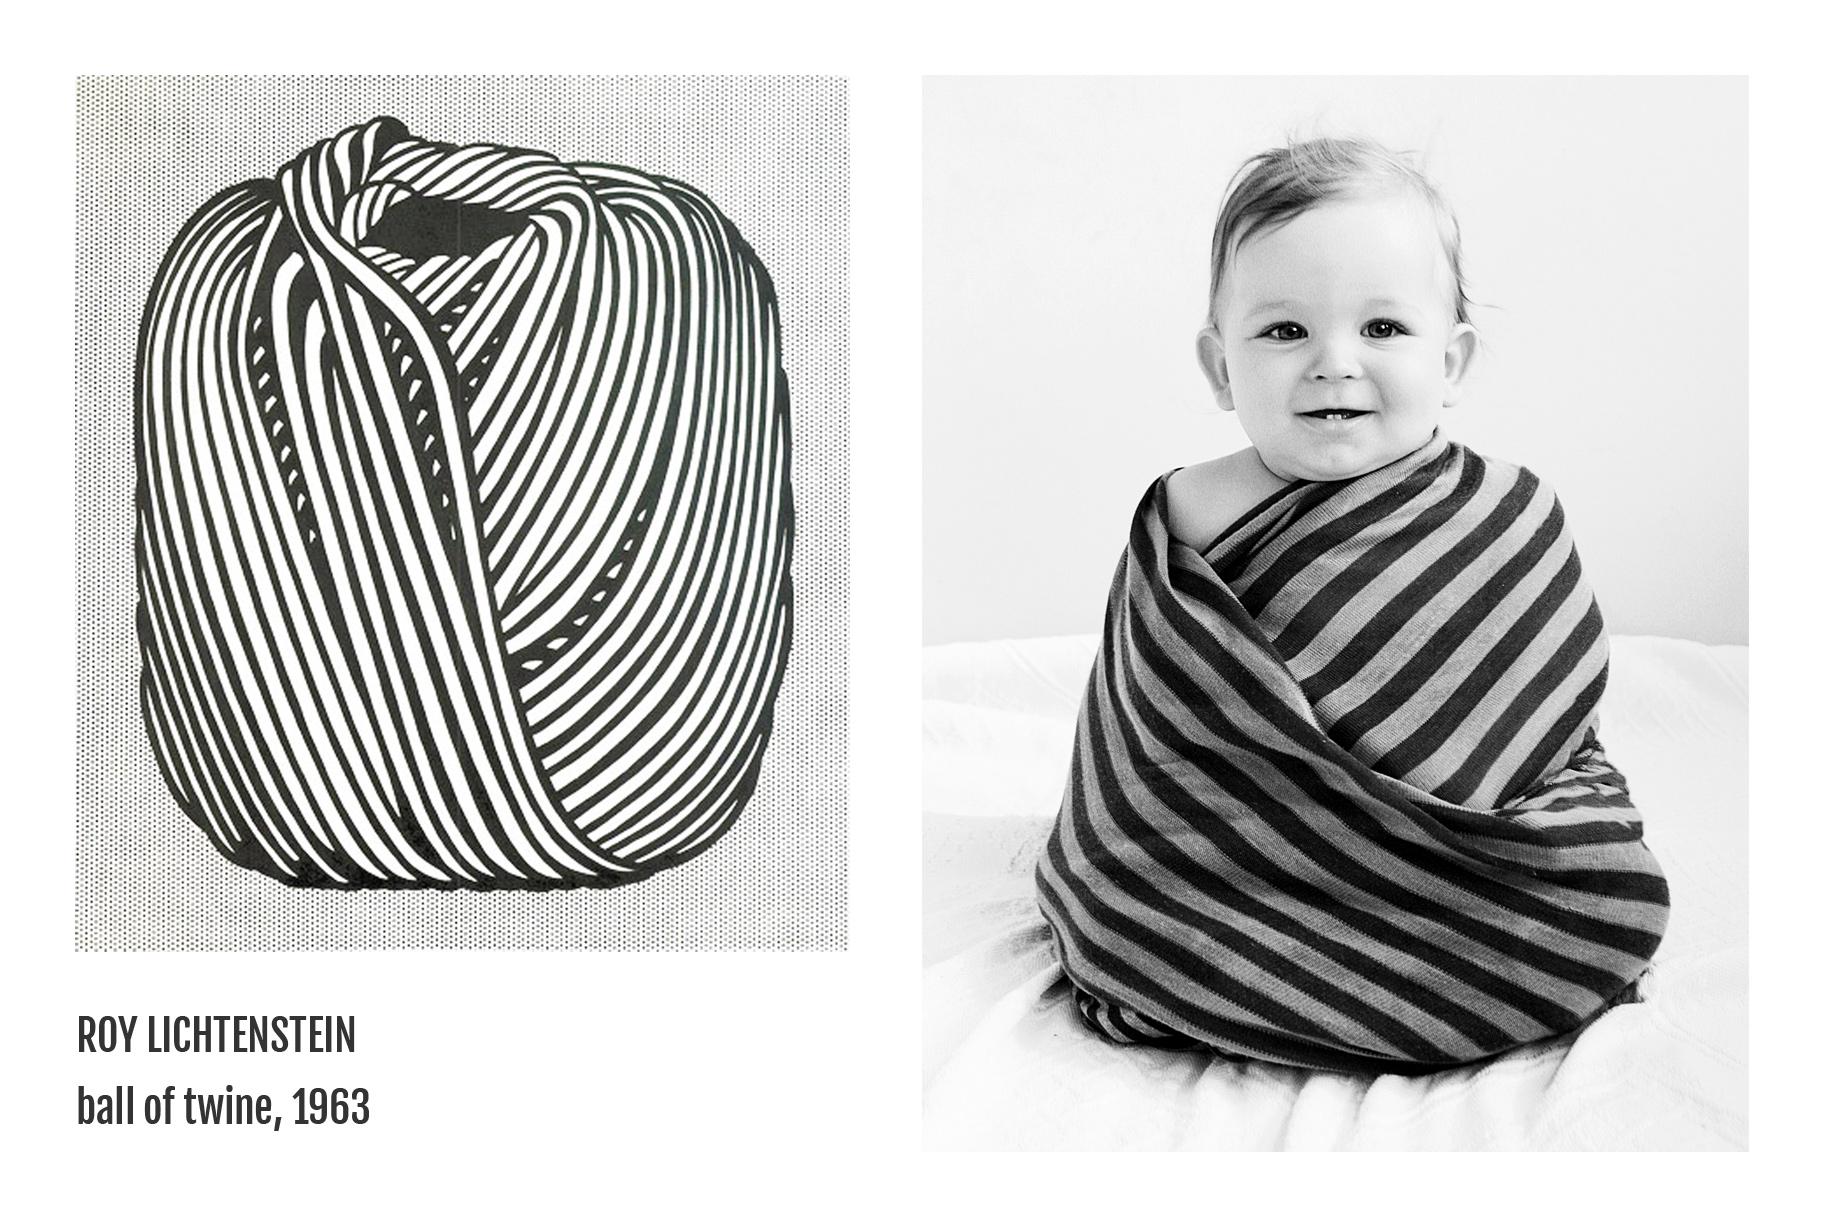 Roy Lichtenstein - Ball of twine